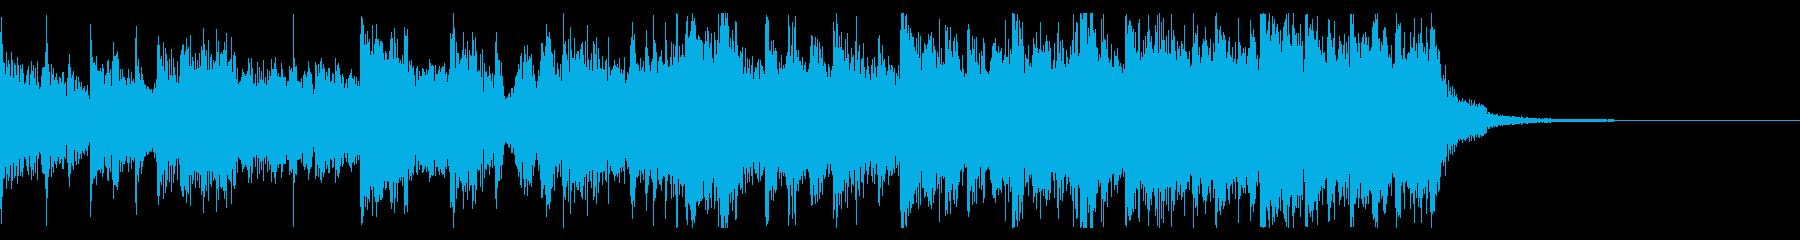 レトロオルガンが輝く8小節の再生済みの波形